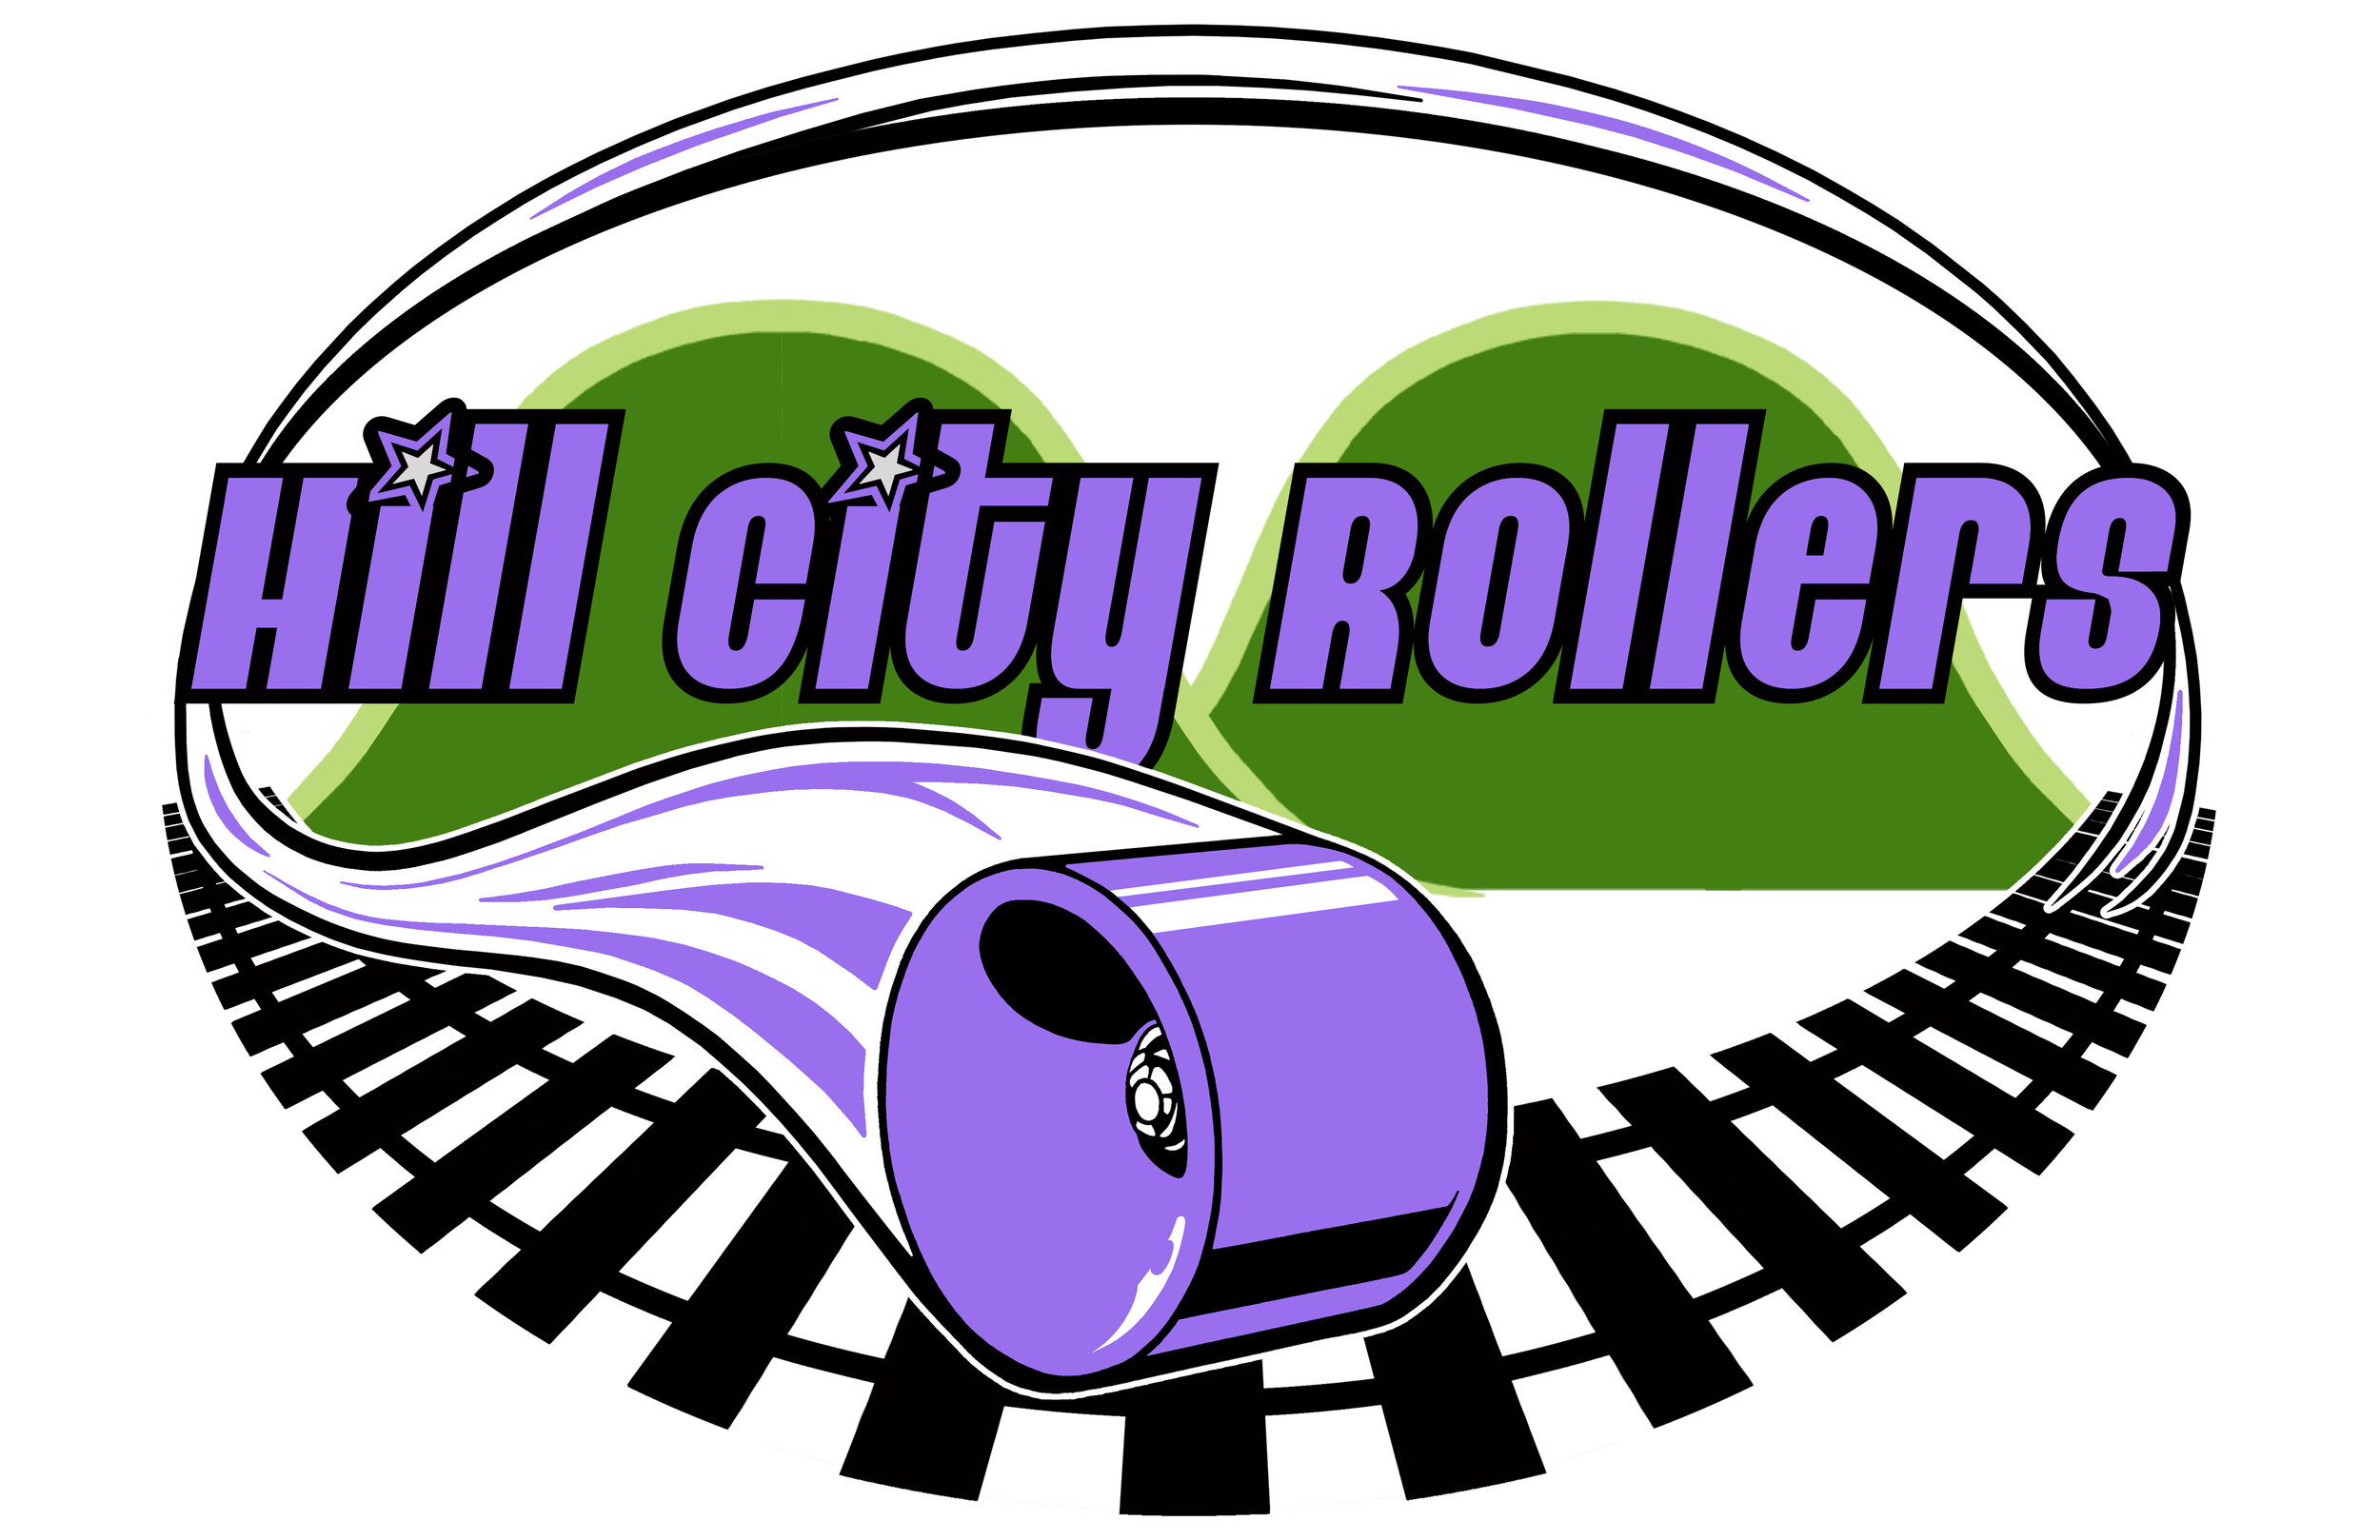 HCR skate logo Eight Track.jpg